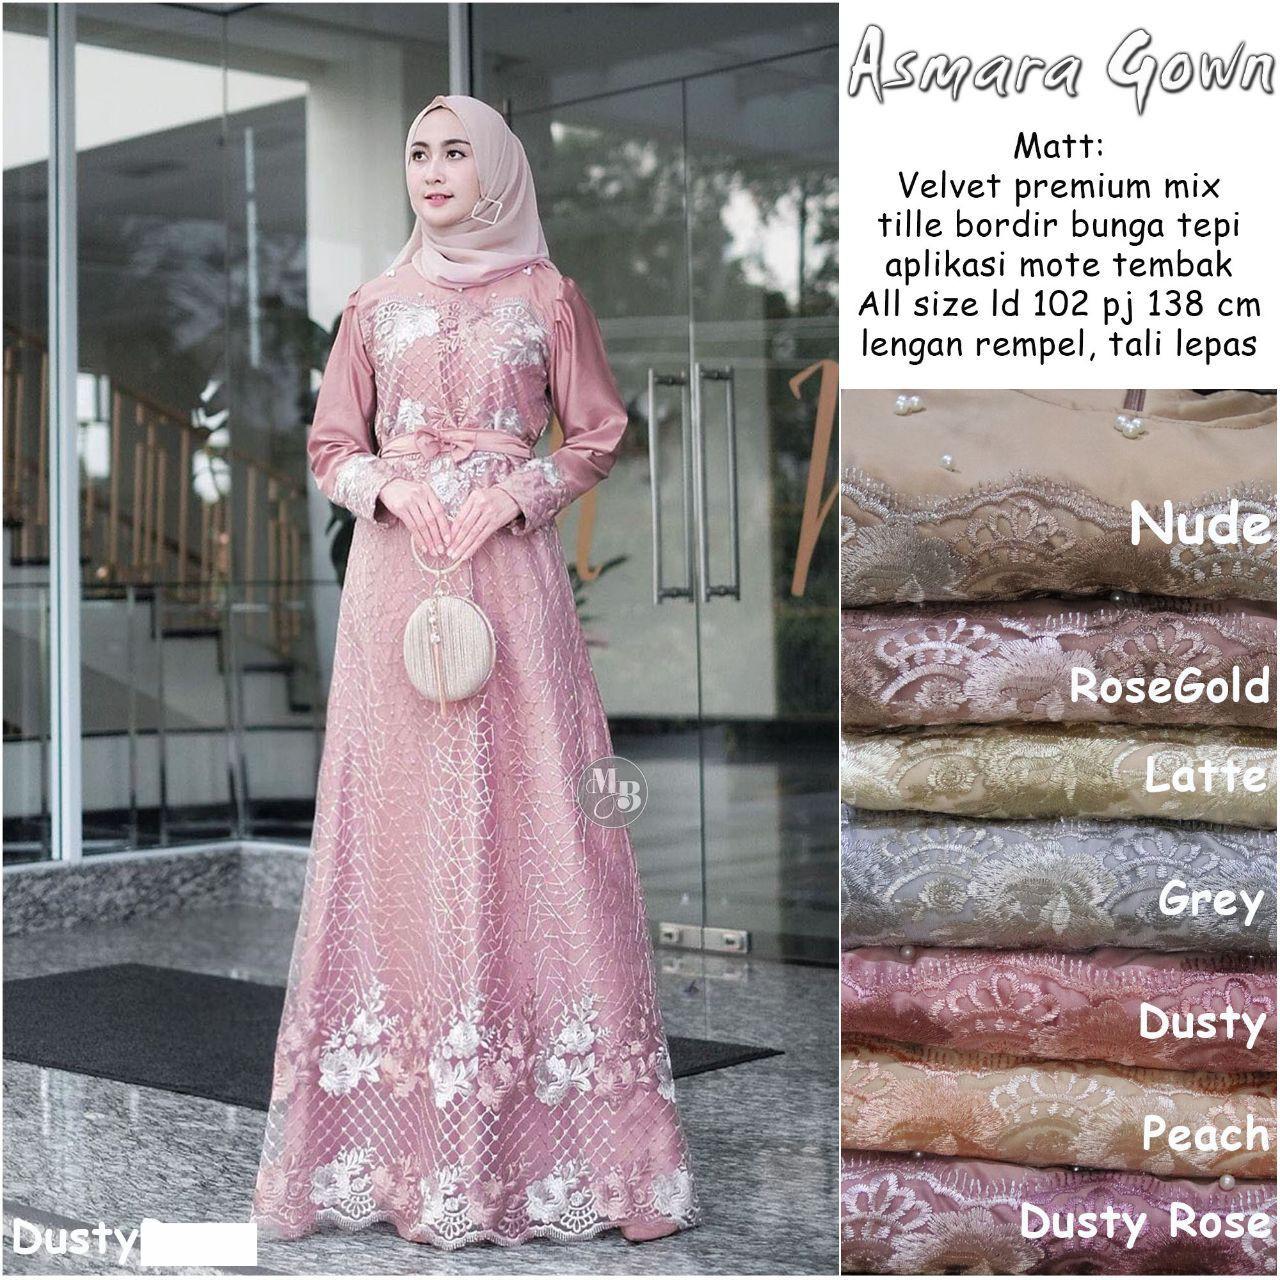 GAMIS MODERN BAYAR DI RUMAH - New - Baju Batik Wanita / Gamis Modern /  Gamis Wanita Terbaru / Gamis / Baju Muslim Wanita Terbaru 11 / Batik  Sarimbit